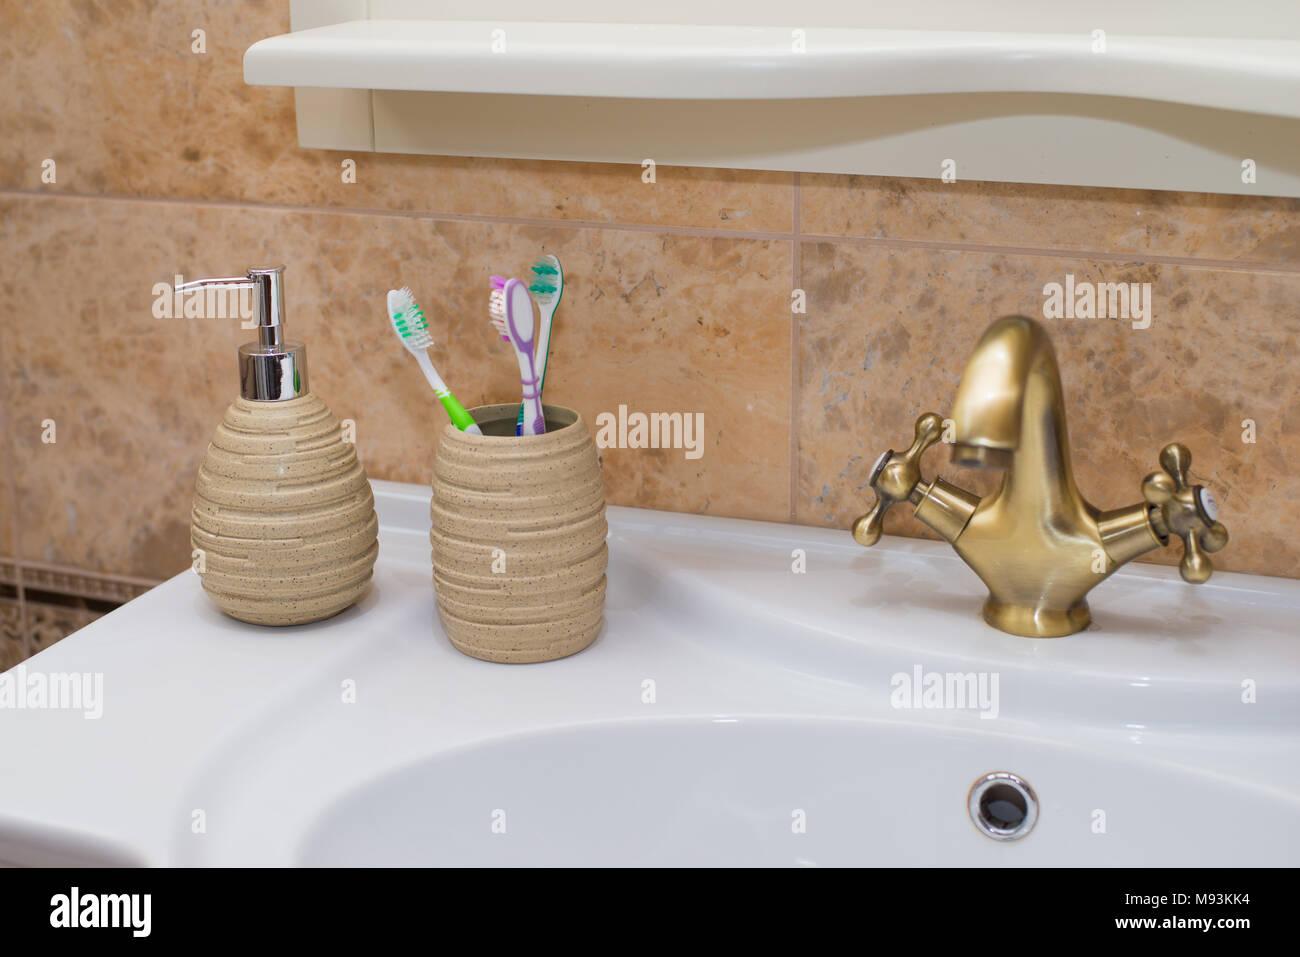 Pumpe Glasflasche Mit Flussiger Seife Auf Holz Fach In Einem